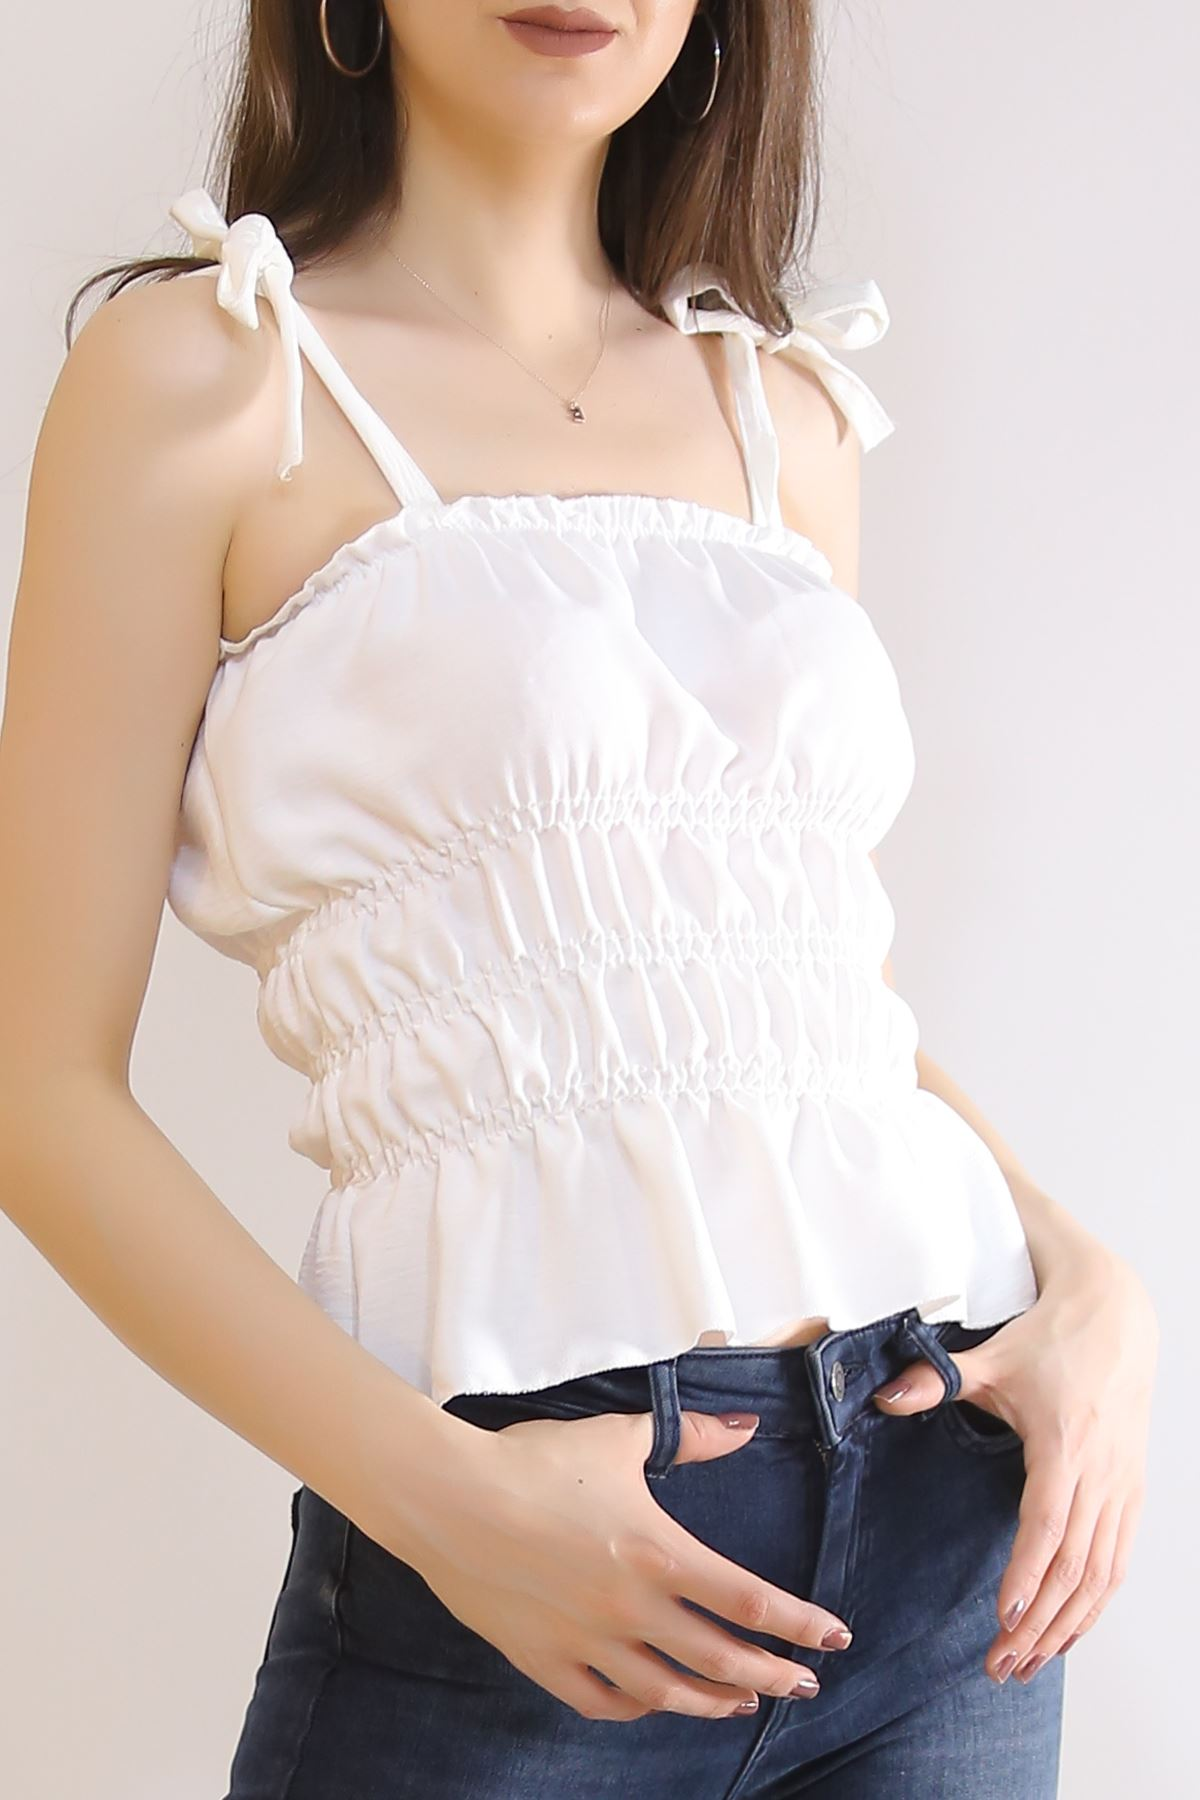 İp Askılı Gipeli Bluz Beyaz - 7109.224.